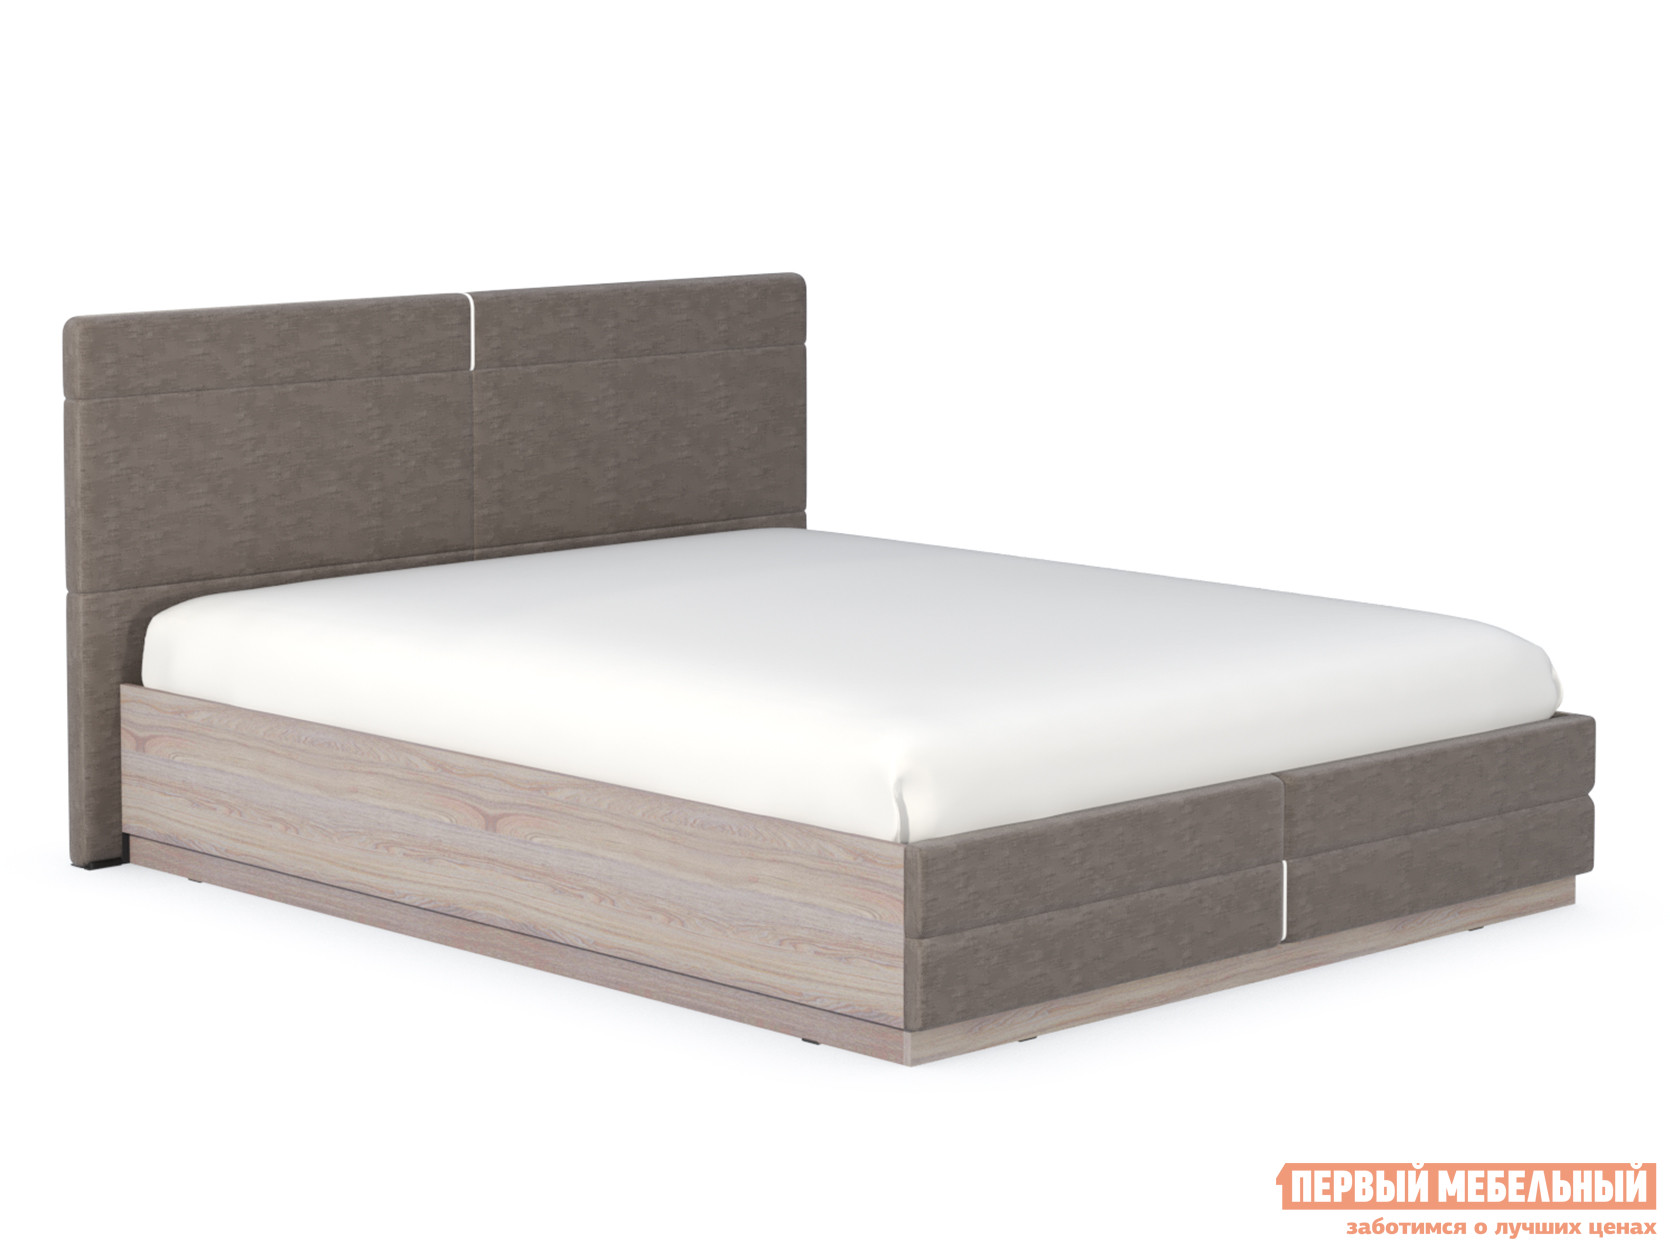 Двуспальная кровать  Элен Кровать двойная Ясень Анкор светлый / Саванна Латте, 1600 Х 2000 мм